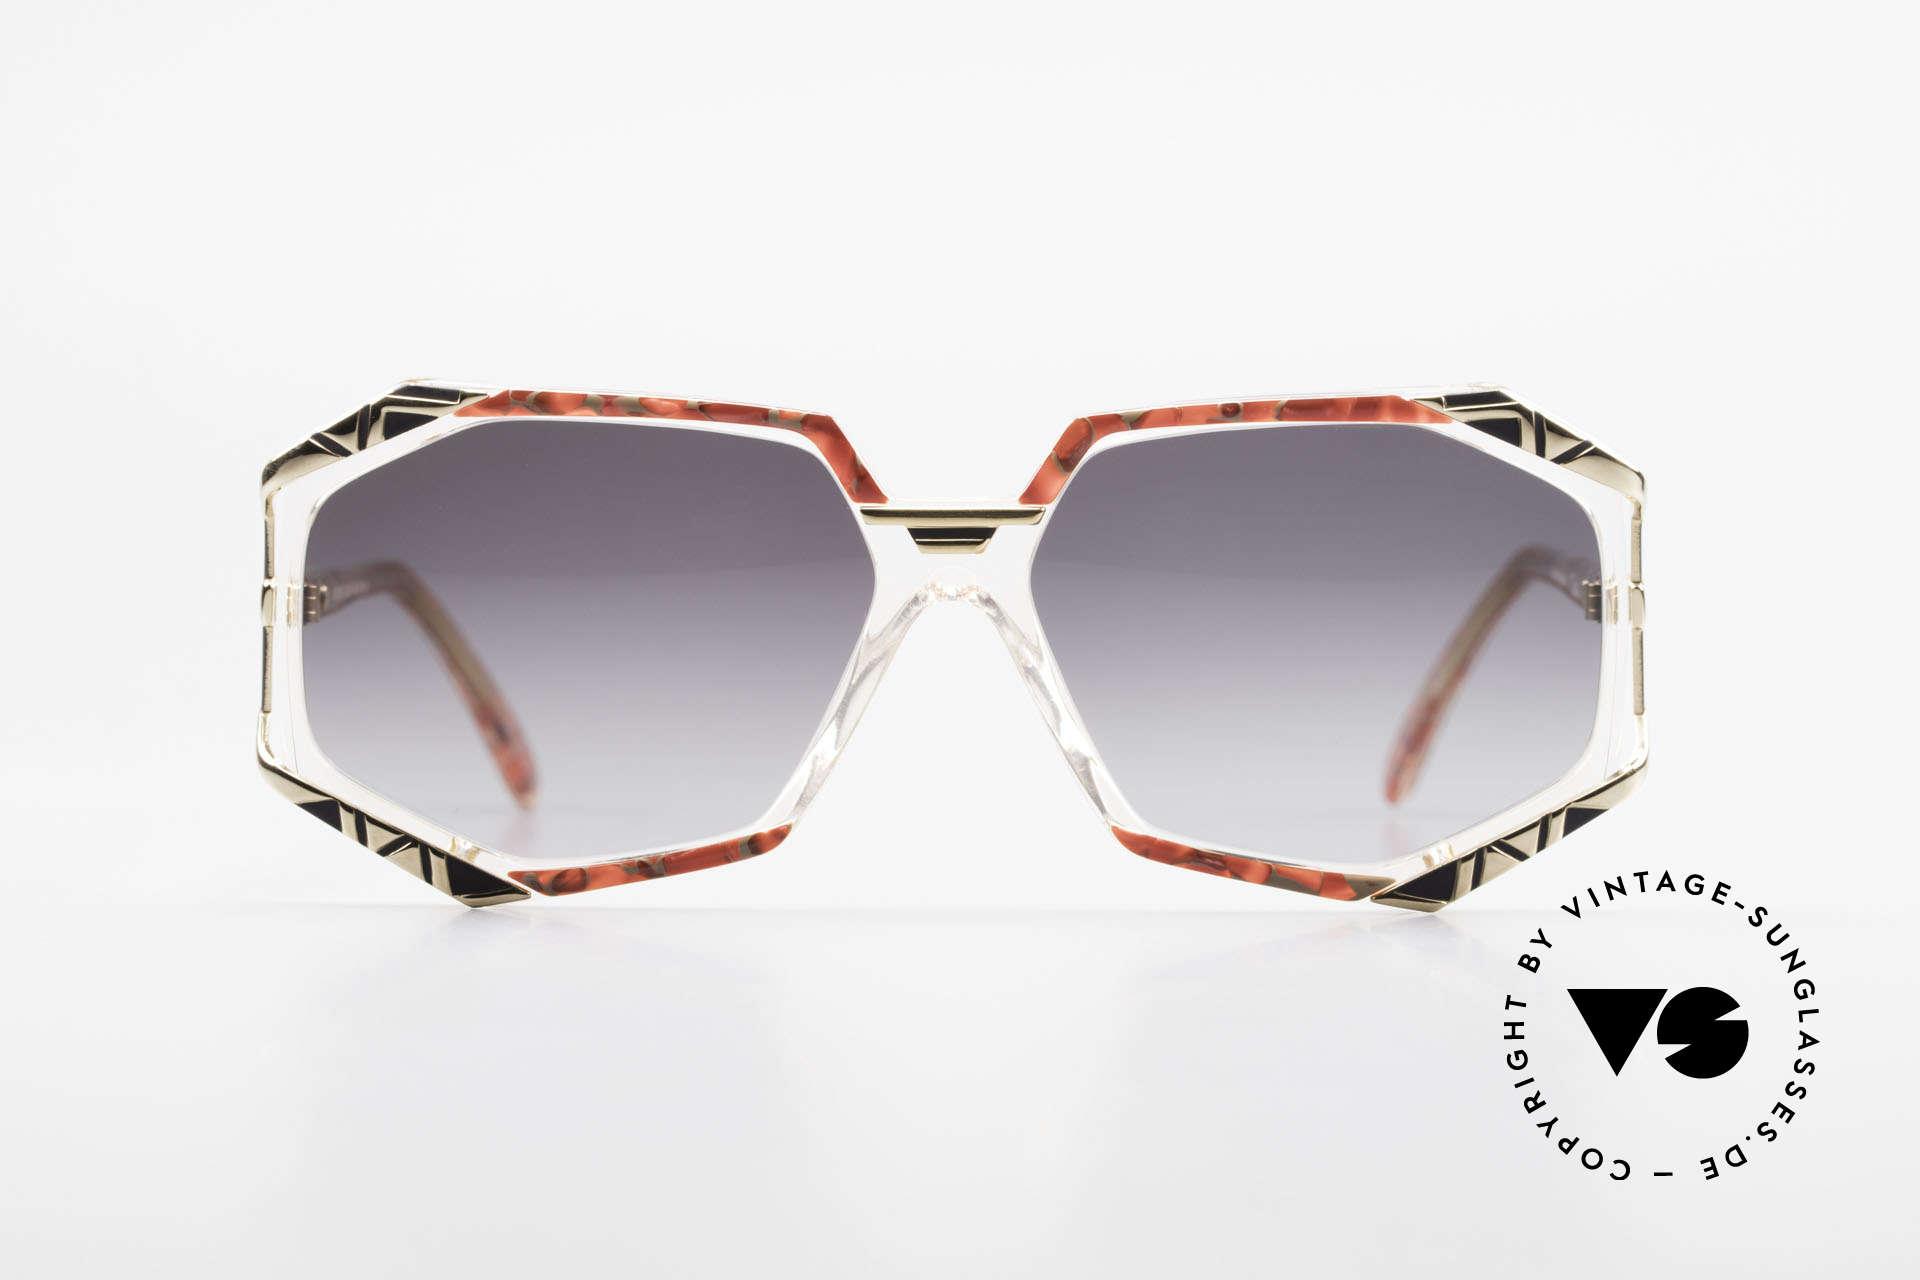 Cazal 355 Spektakuläre Sonnenbrille 90er, markante Rahmengestaltung mit grandiosen Farben, Passend für Damen